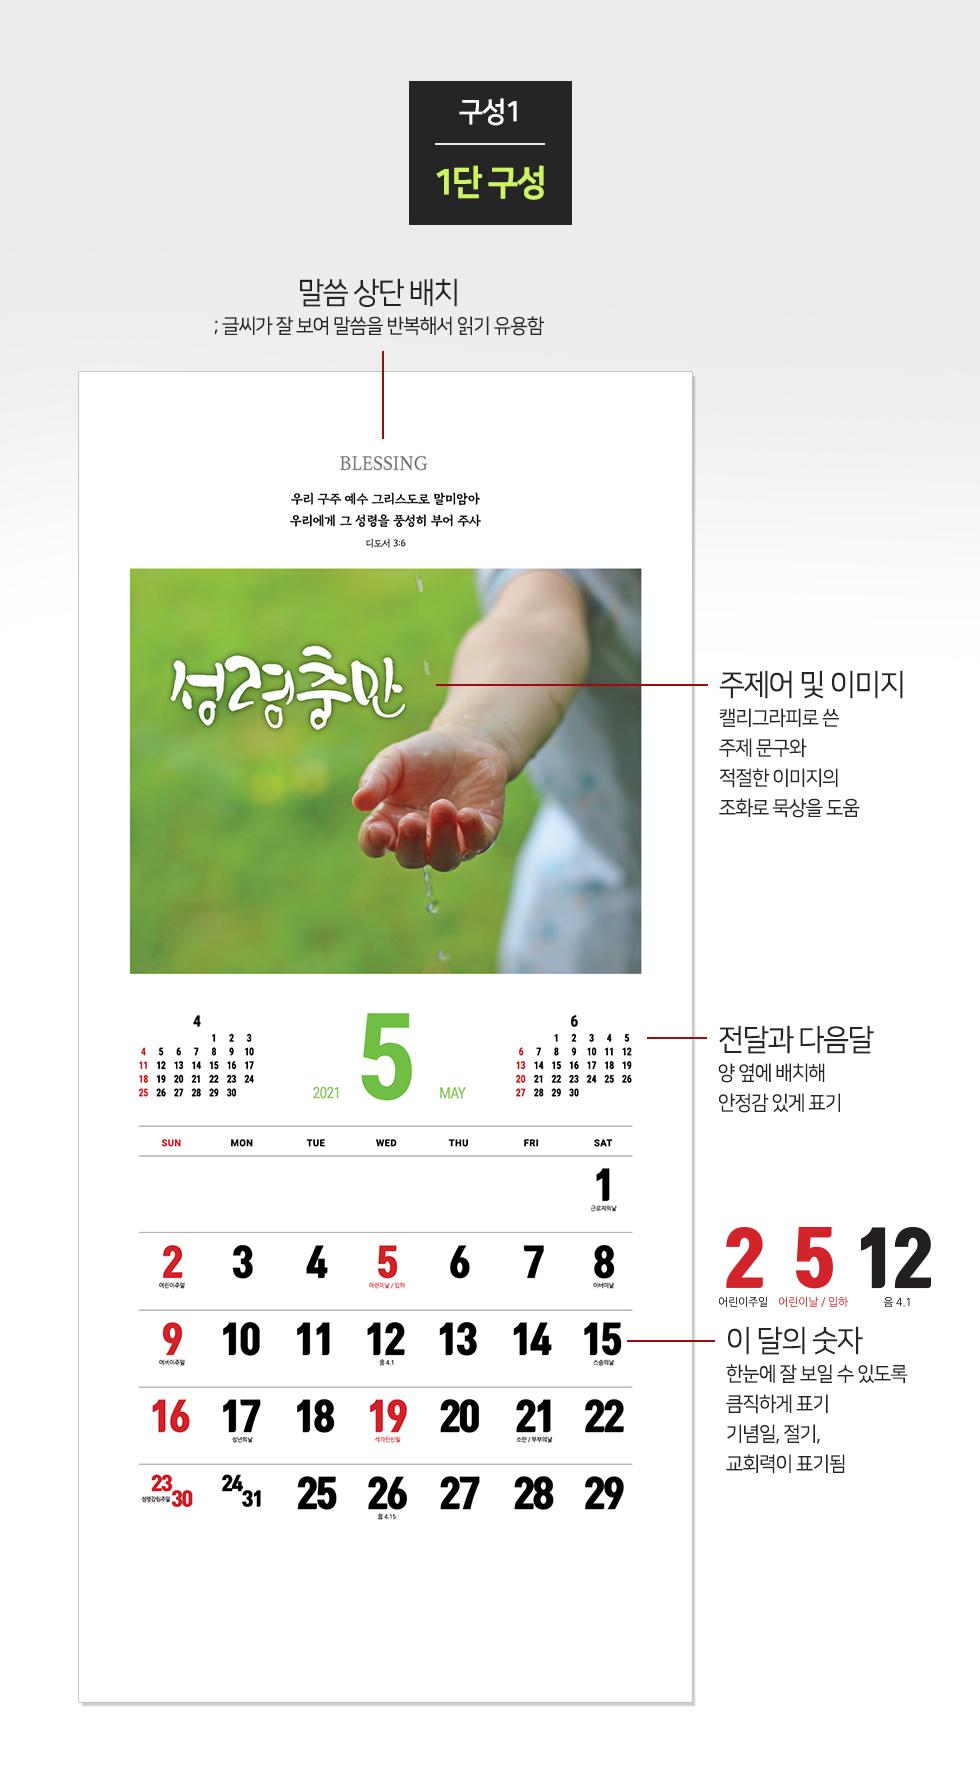 2021년 벽걸이달력 축복 Blessing - 구성1:1단구성